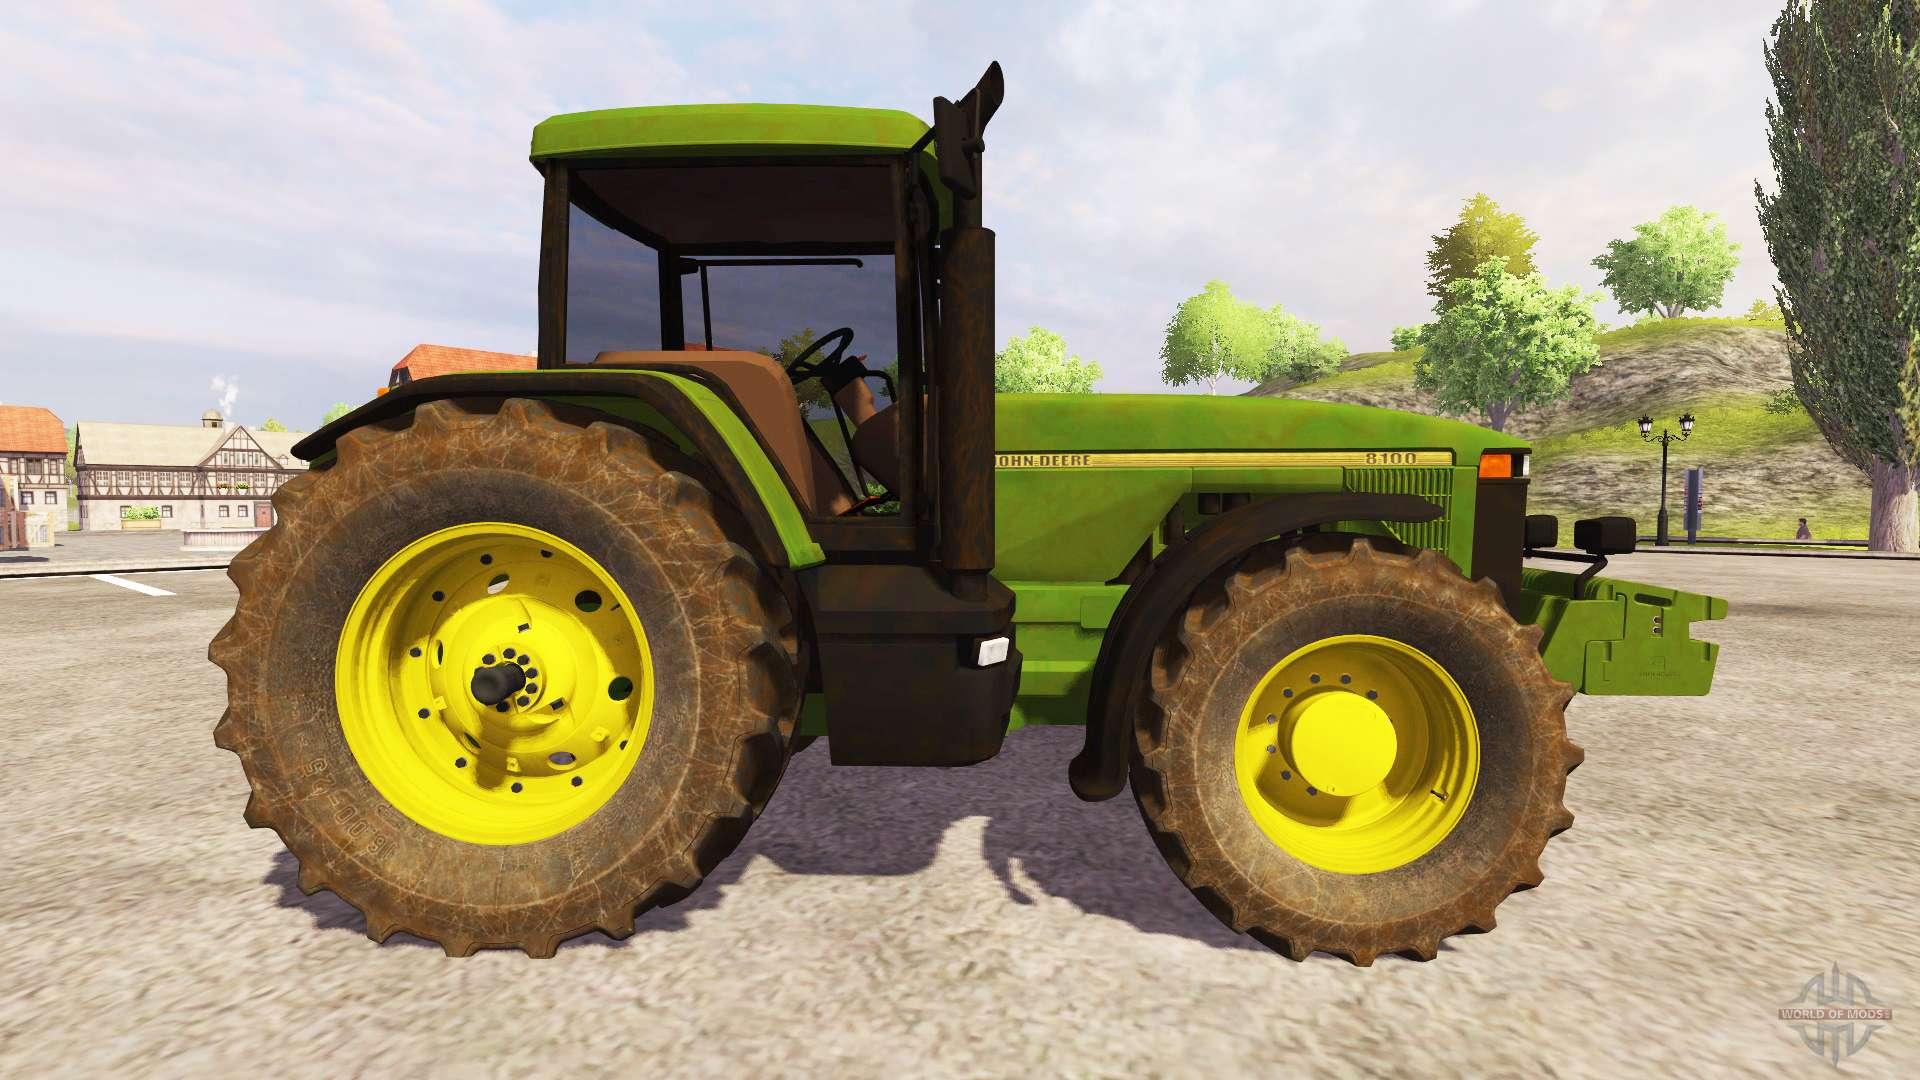 Купить трактор МТЗ 1523. Б/У или новый. Цены. Фото.